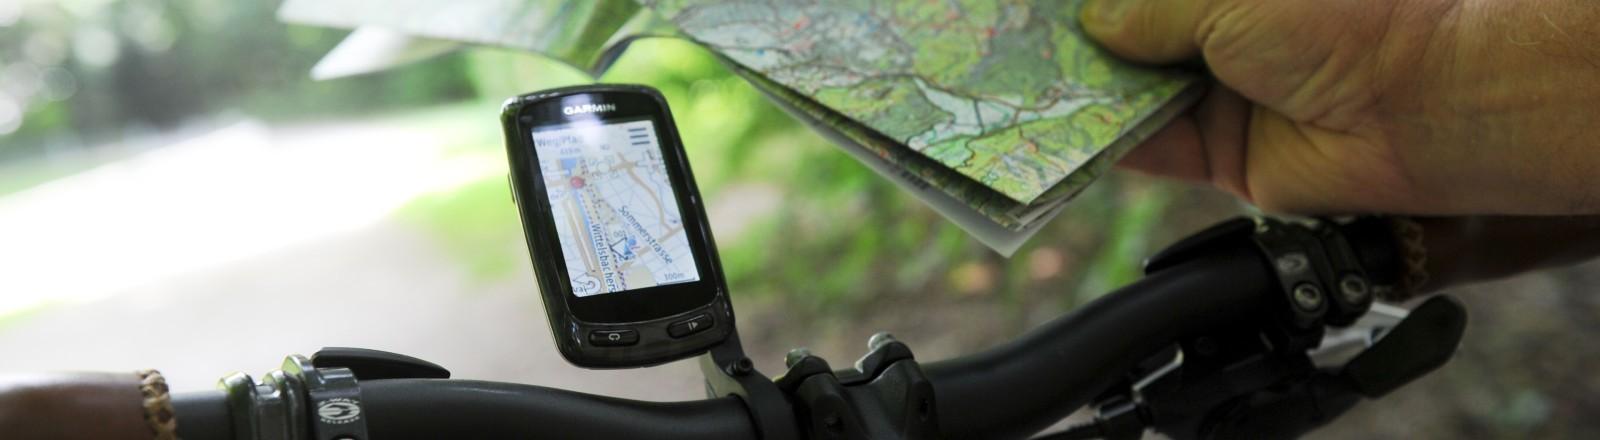 Fahrrad-Navigation und Fahrradkarte